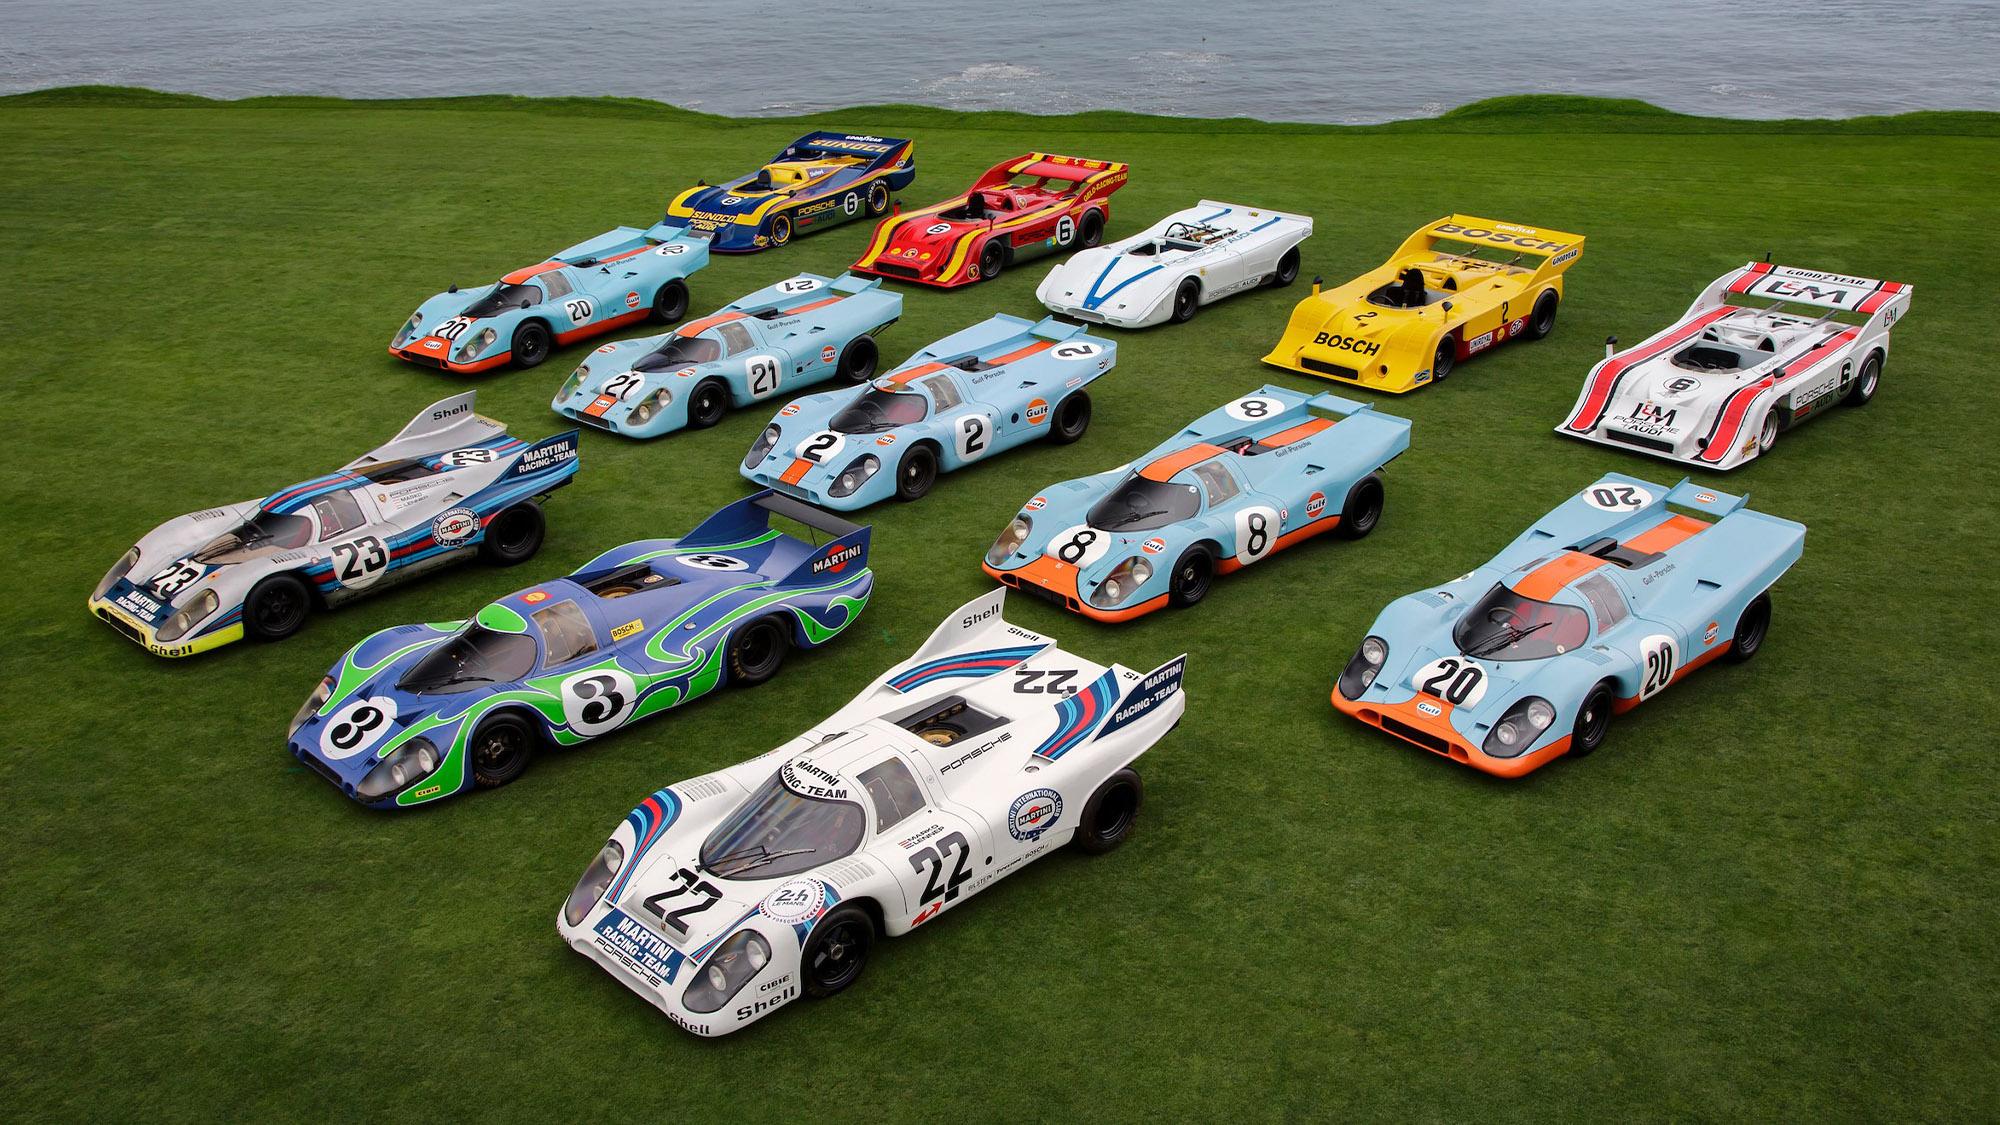 Porsche 917s at Pebble Beach in 2021